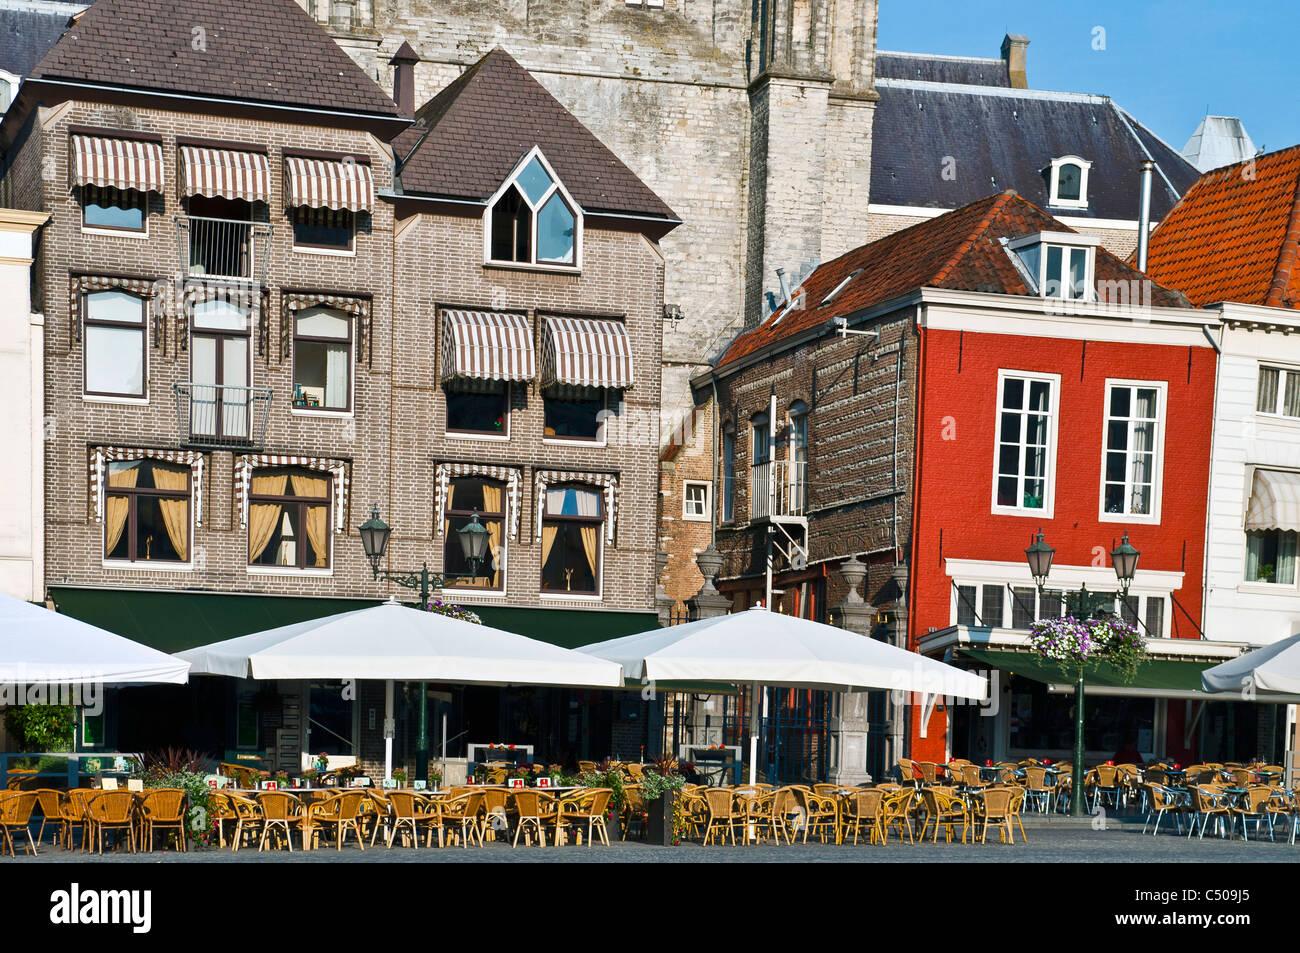 Ristorante all'aperto in Olanda piazza nel centro di città vecchia con mobili Immagini Stock